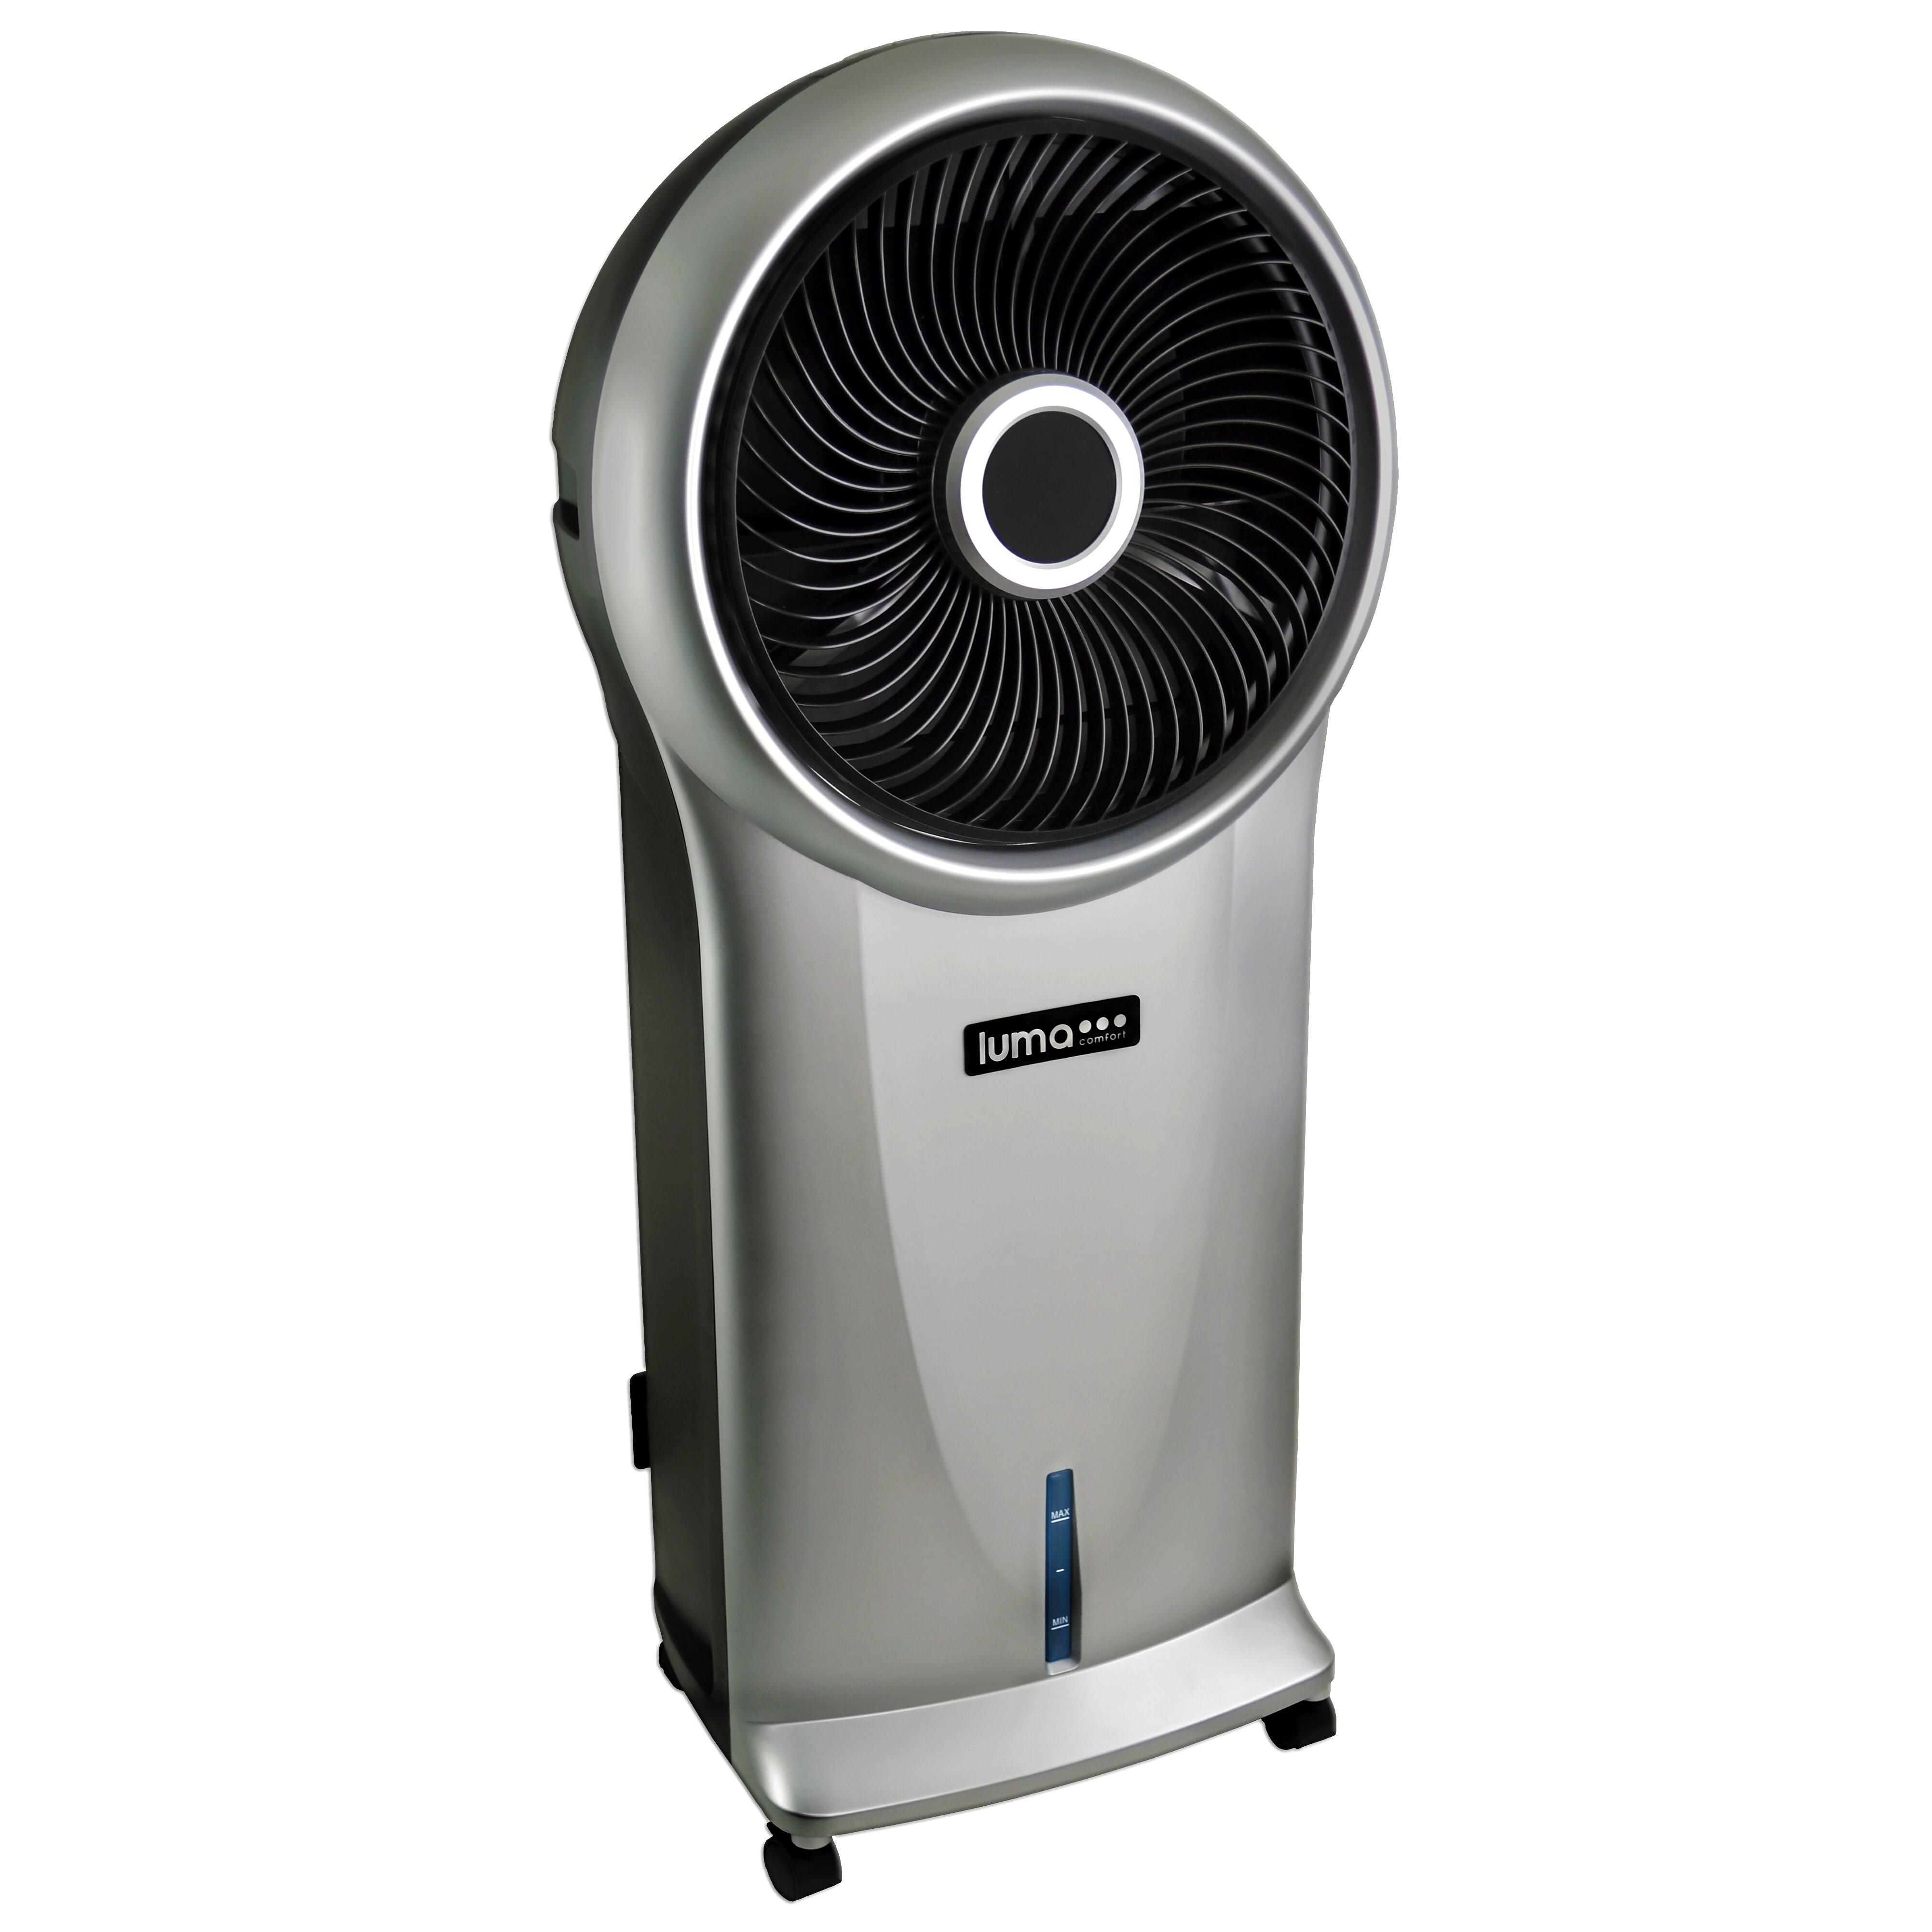 Luma Comfort Portable Evaporative Cooler & Reviews Wayfair Supply #394B5E